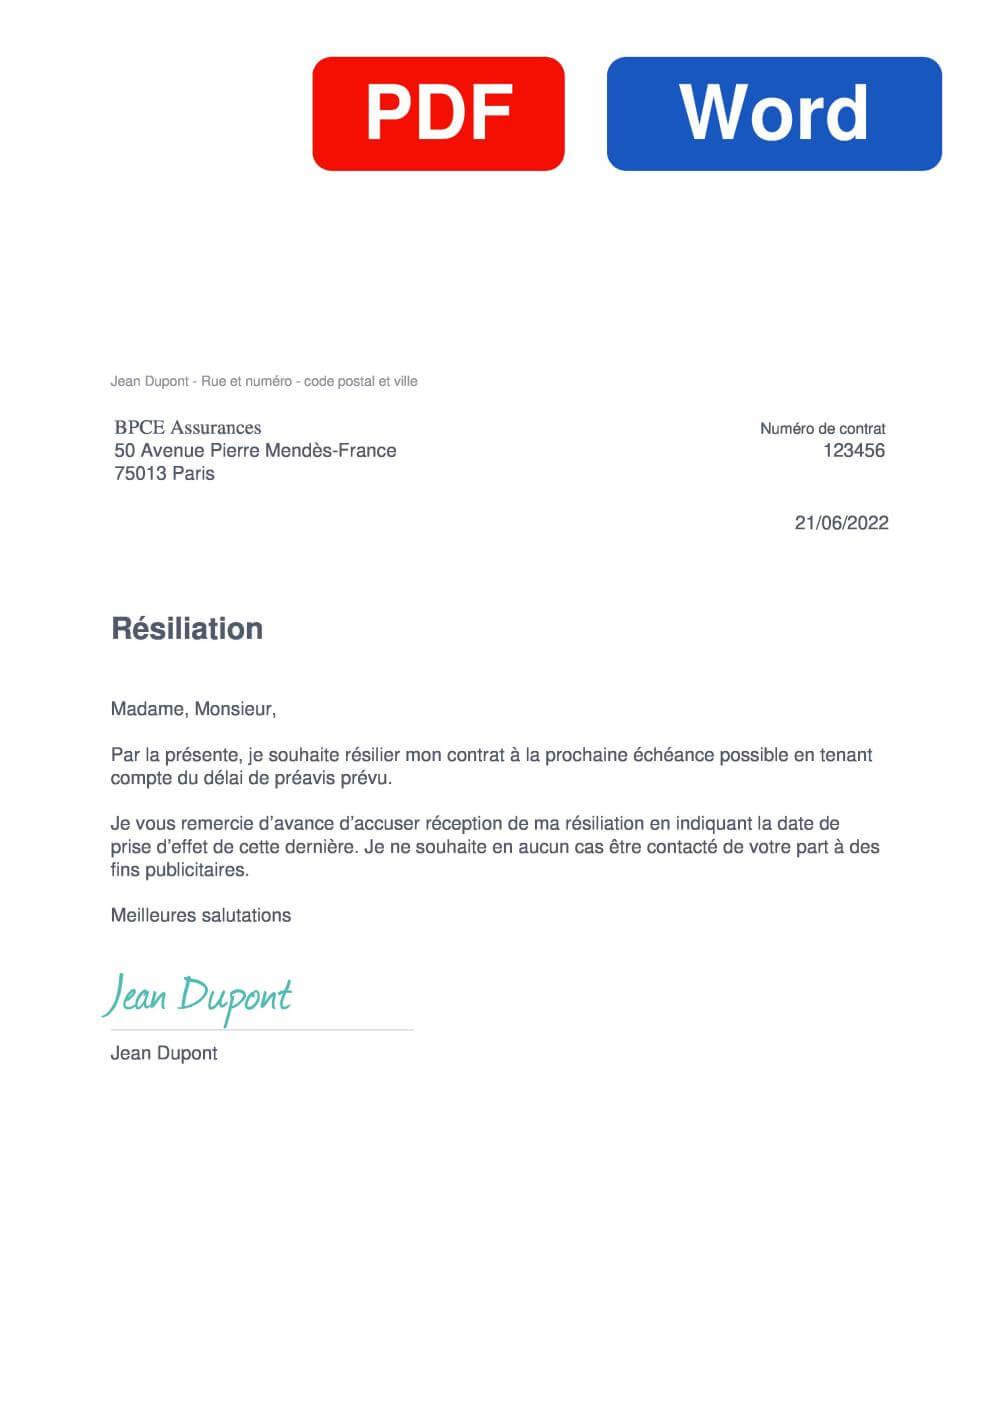 BPCE Assurances banque populaire caisse d'épargne Habitation Assurance Modèle de lettre de résiliation